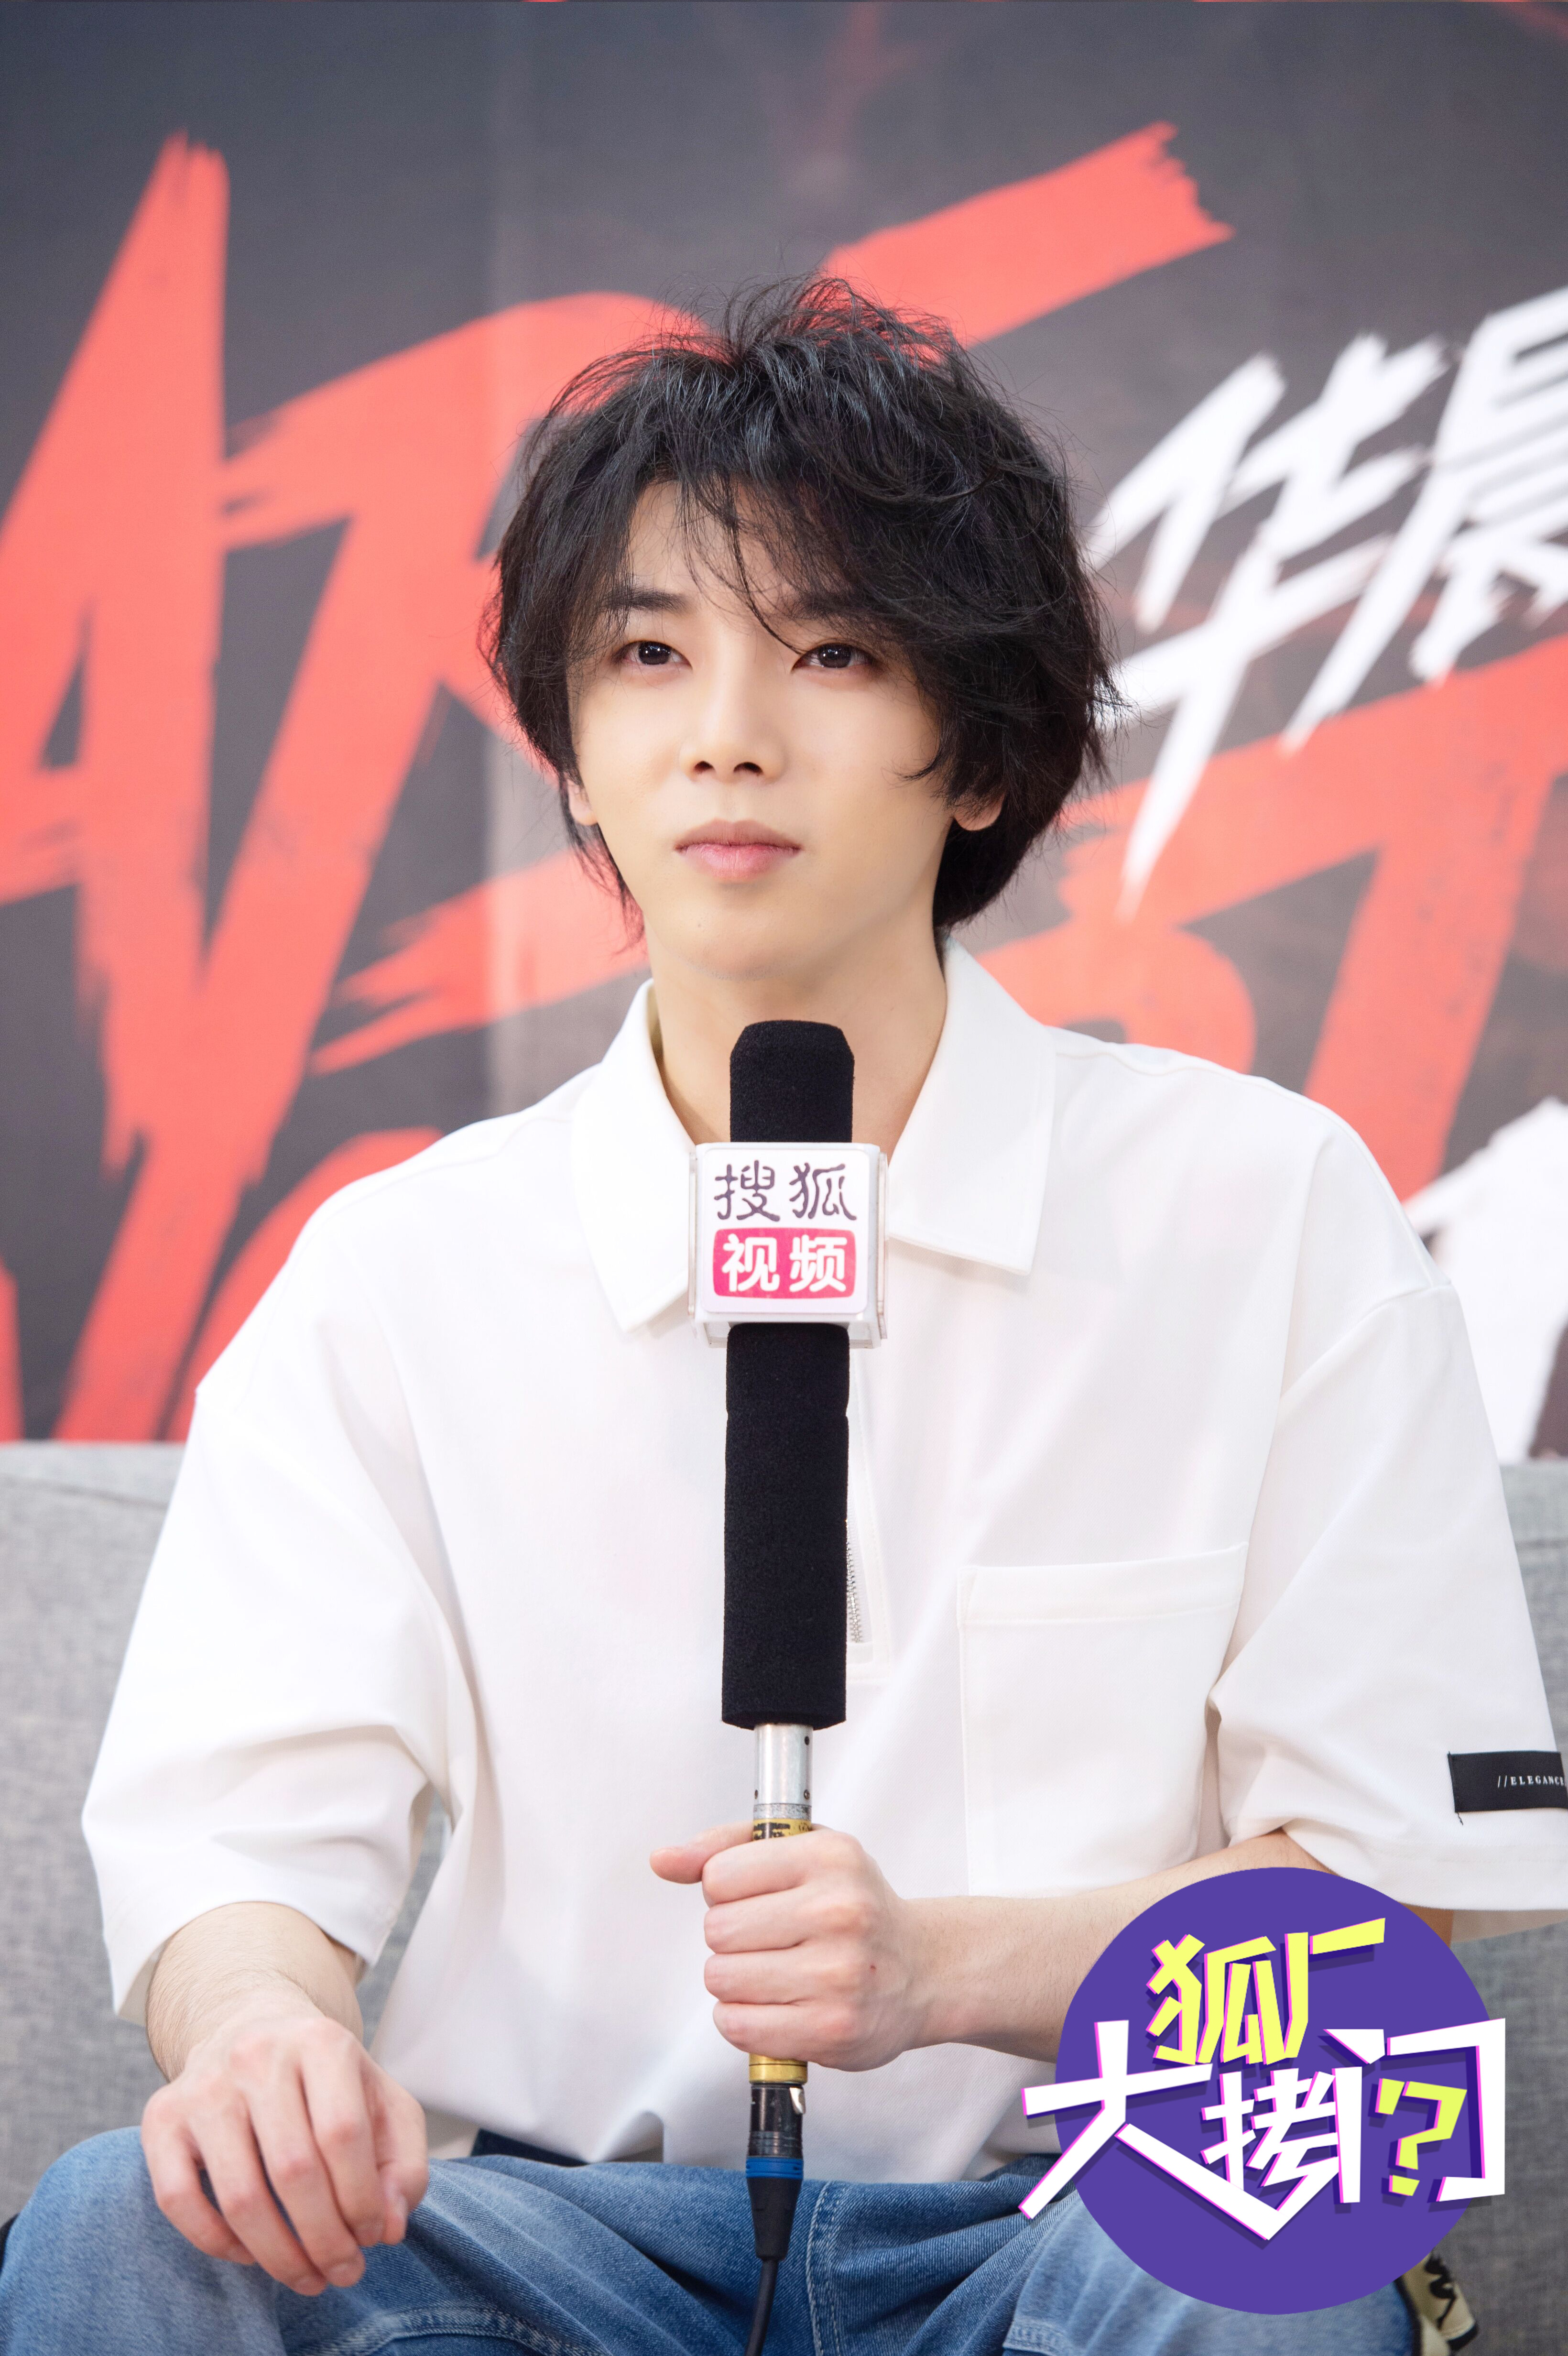 华晨宇:铁粉这么多因为我很厉害